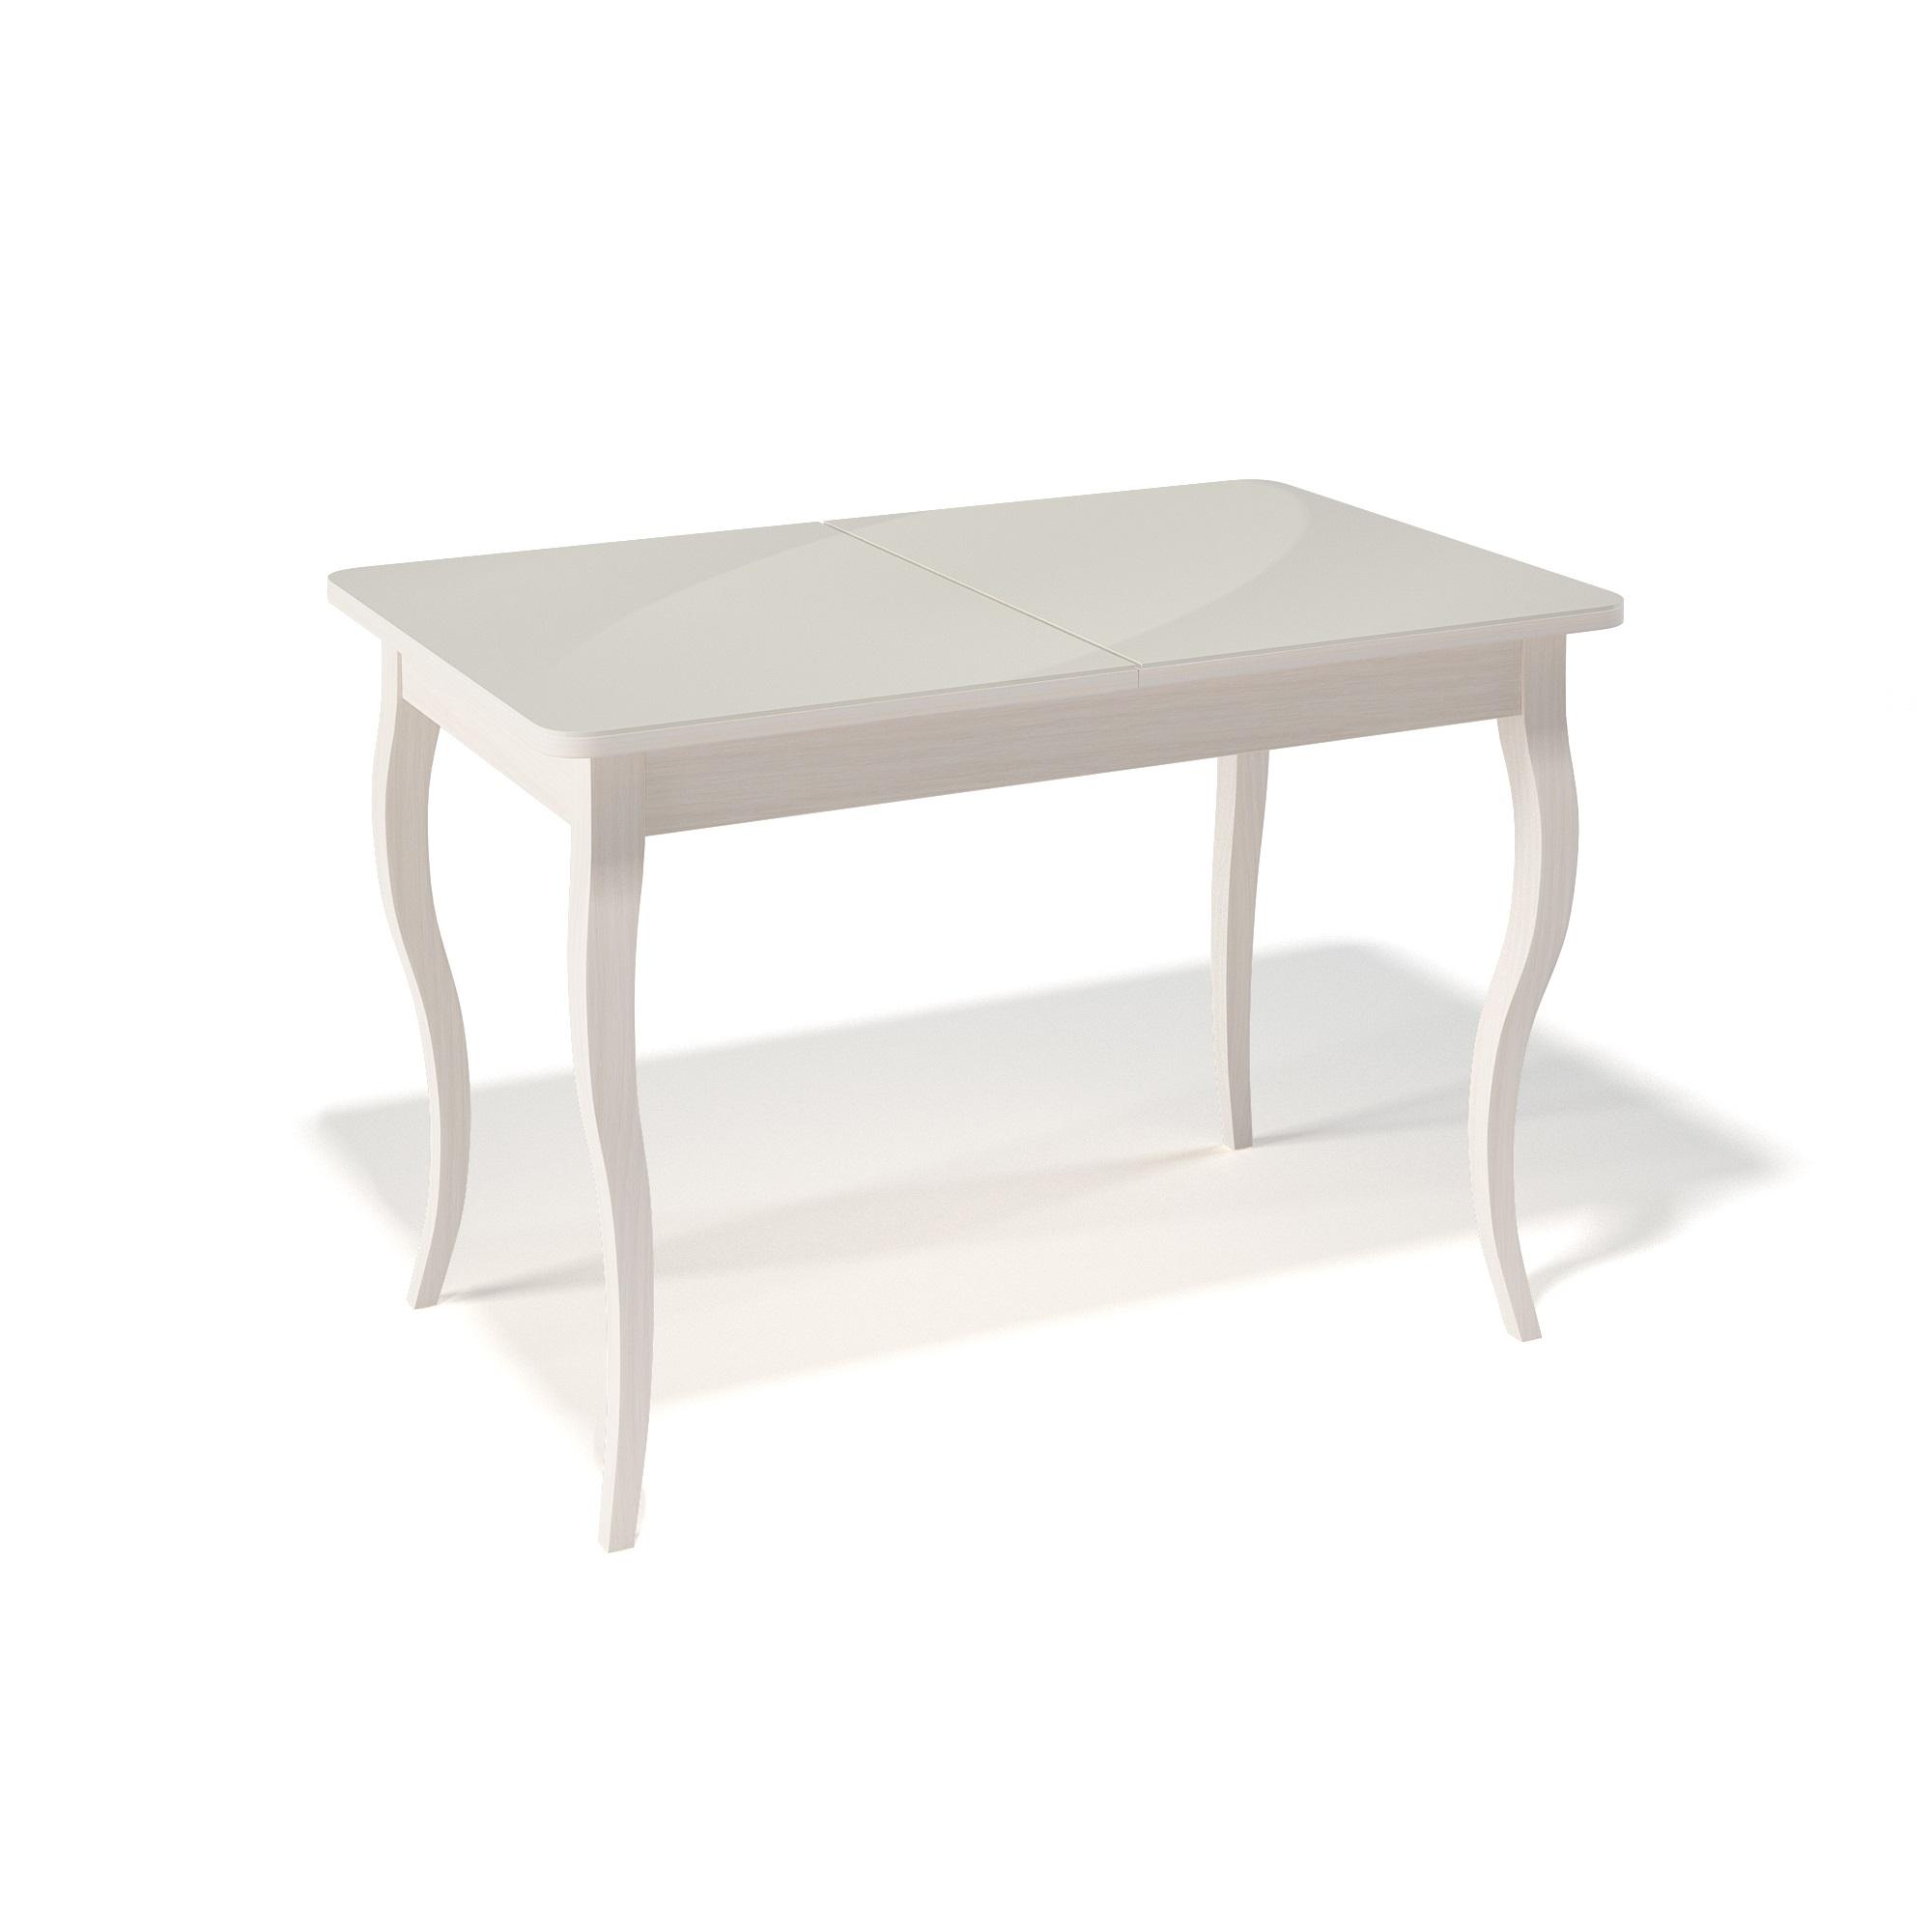 Стол обеденный KennerОбеденные столы<br>Ножки стола выполнены из массива бука, столешница - ДСП+стекло 4мм.&amp;amp;nbsp;&amp;lt;div&amp;gt;Механизм раскладки: синхронный, легкого скольжения.&amp;amp;nbsp;&amp;lt;/div&amp;gt;&amp;lt;div&amp;gt;На ножках установлены регулировочные винты.&amp;lt;/div&amp;gt;&amp;lt;div&amp;gt;Фурнитура в комплекте.&amp;amp;nbsp;&amp;lt;/div&amp;gt;&amp;lt;div&amp;gt;Стол раскладной,вставка &amp;quot;бабочка&amp;quot; со стеклом.&amp;amp;nbsp;&amp;lt;/div&amp;gt;&amp;lt;div&amp;gt;Размер столешницы в разложенном виде: 150х75 см. &amp;lt;/div&amp;gt;<br><br>Material: Дерево<br>Ширина см: 110<br>Высота см: 75<br>Глубина см: 70